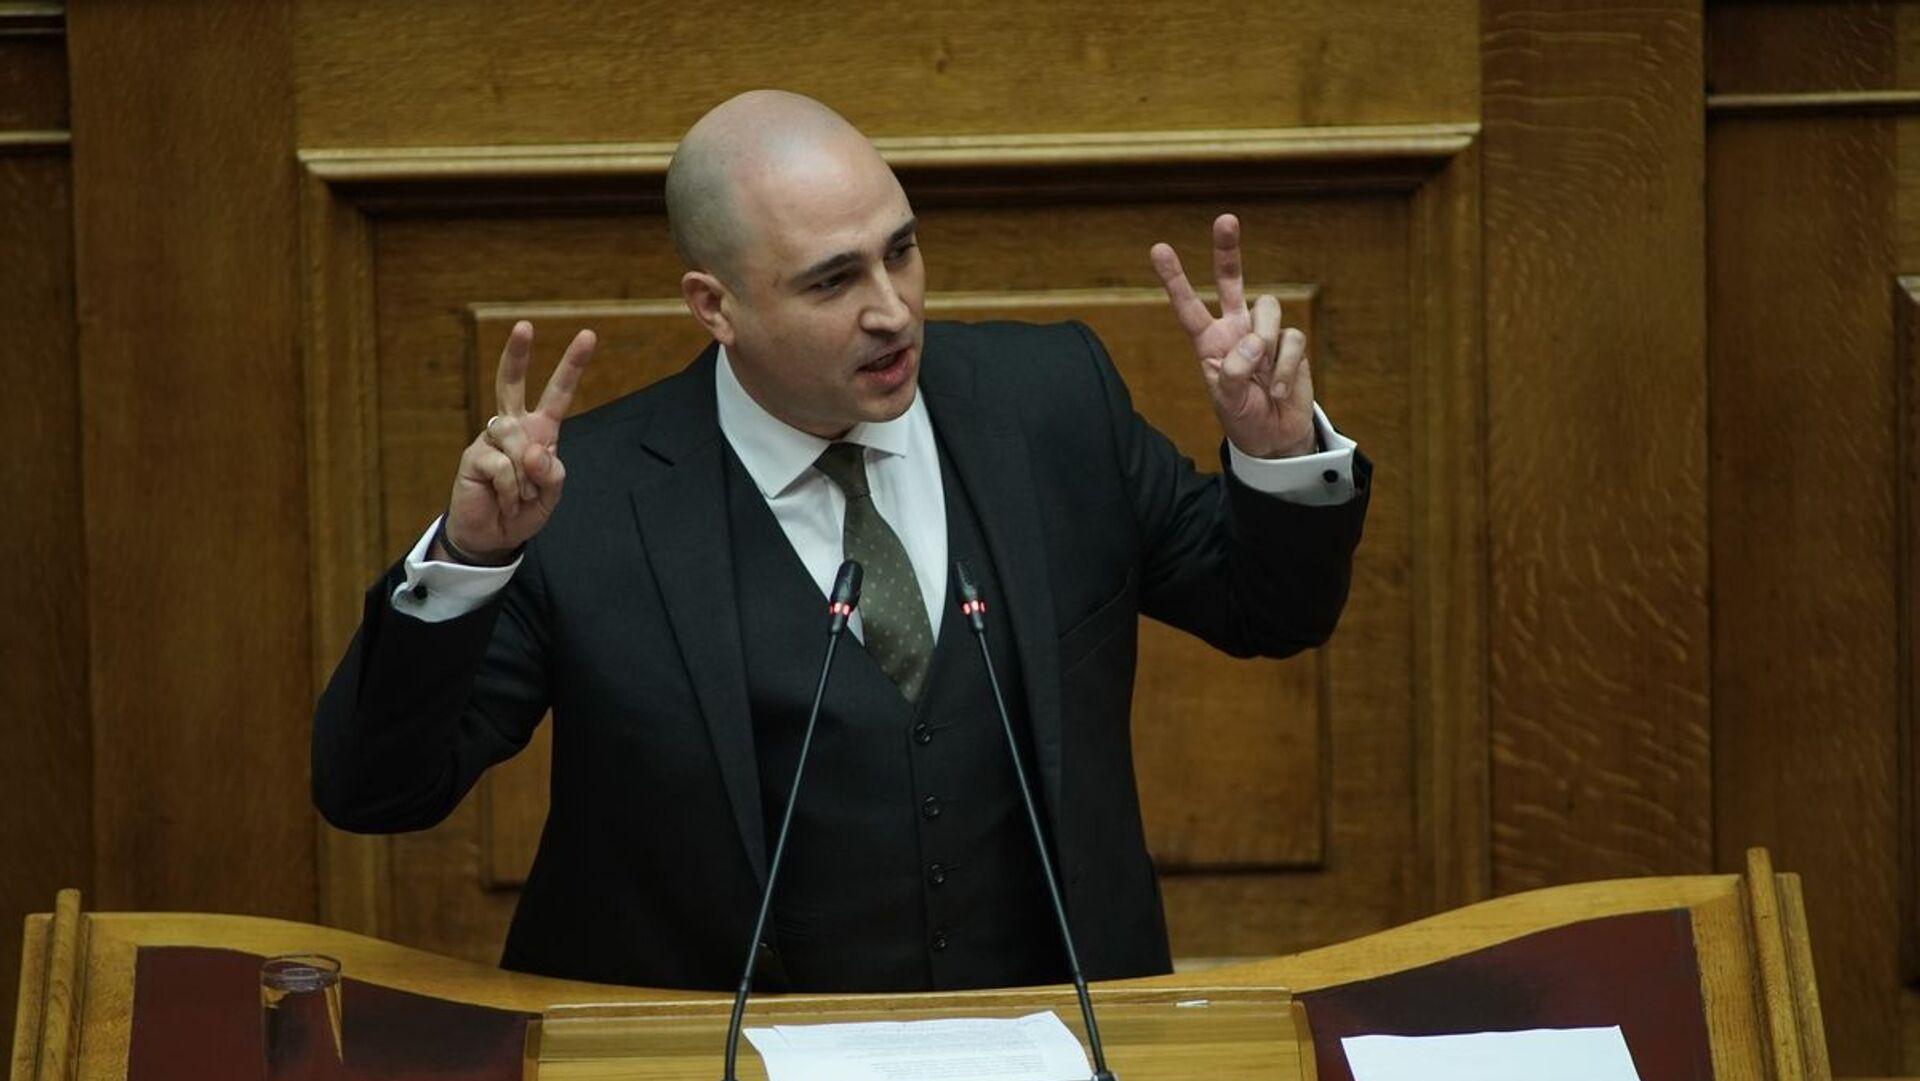 Κωνσταντίνος Μπογδάνος στη Βουλή - Sputnik Ελλάδα, 1920, 07.09.2021